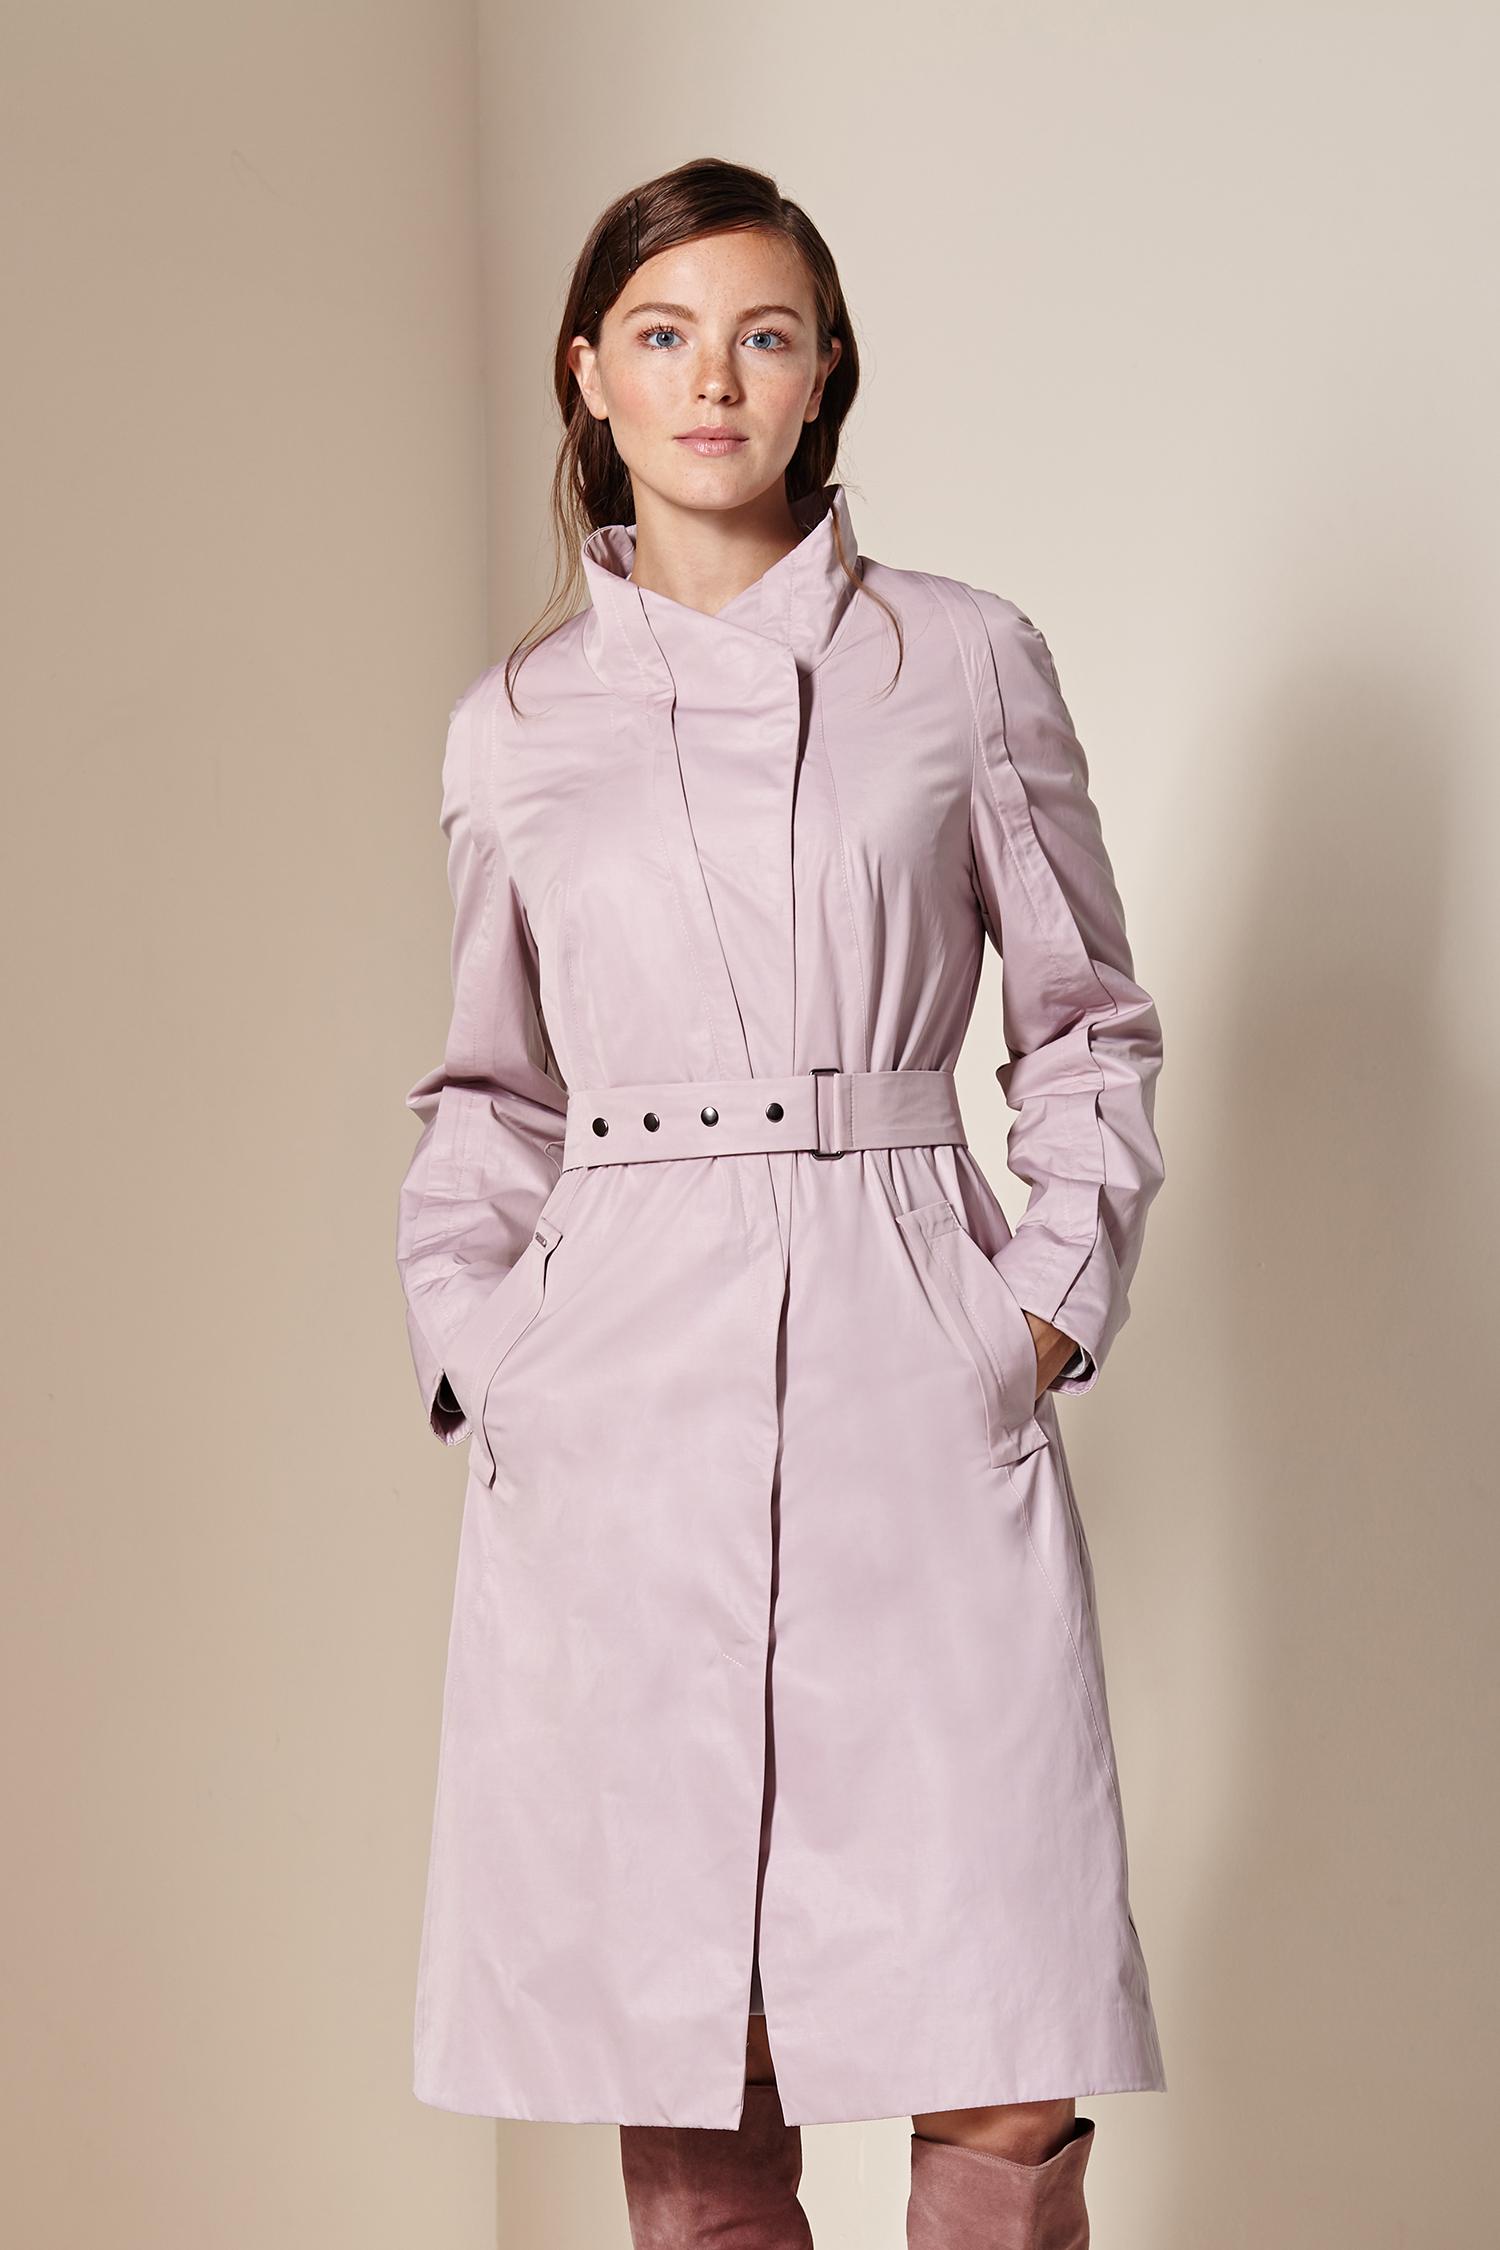 Женское пальто с воротником, без отделки<br><br>Воротник: стойка<br>Длина см: Длинная (свыше 90)<br>Материал: Текстиль<br>Цвет: розовый<br>Вид застежки: центральная<br>Застежка: на кнопки<br>Пол: Женский<br>Размер RU: 56